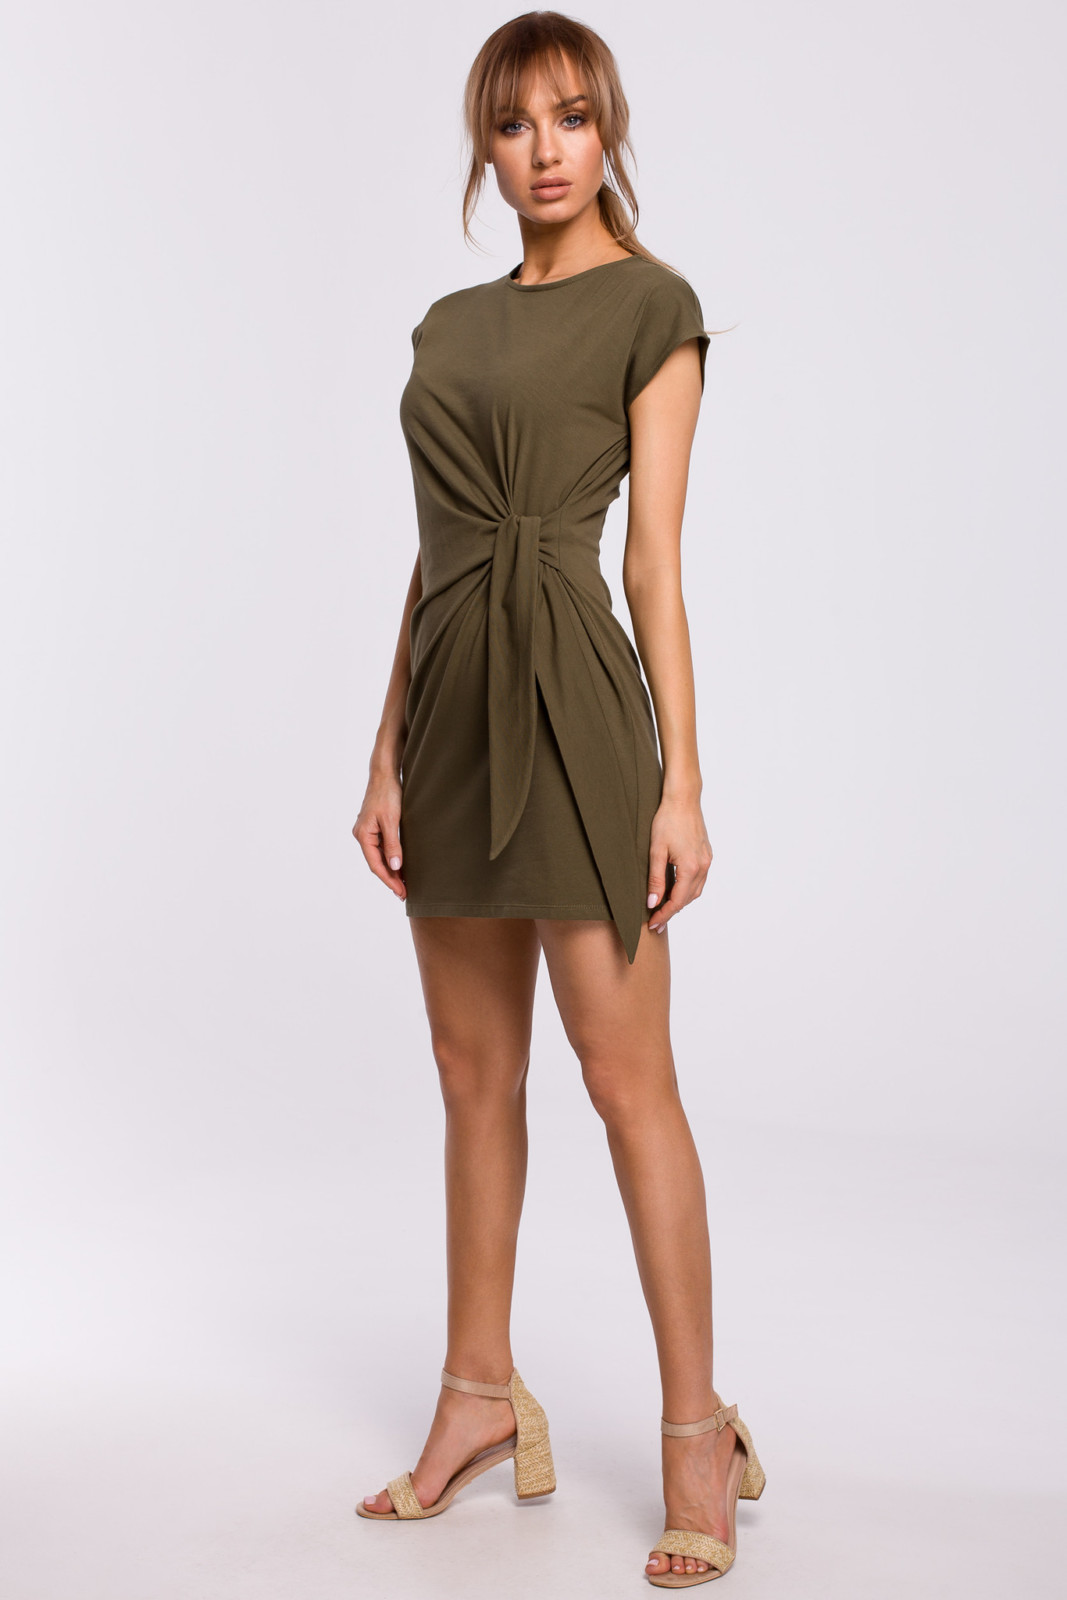 Bawełniana sukienka mini z supłem wiązanym na boku avocado style